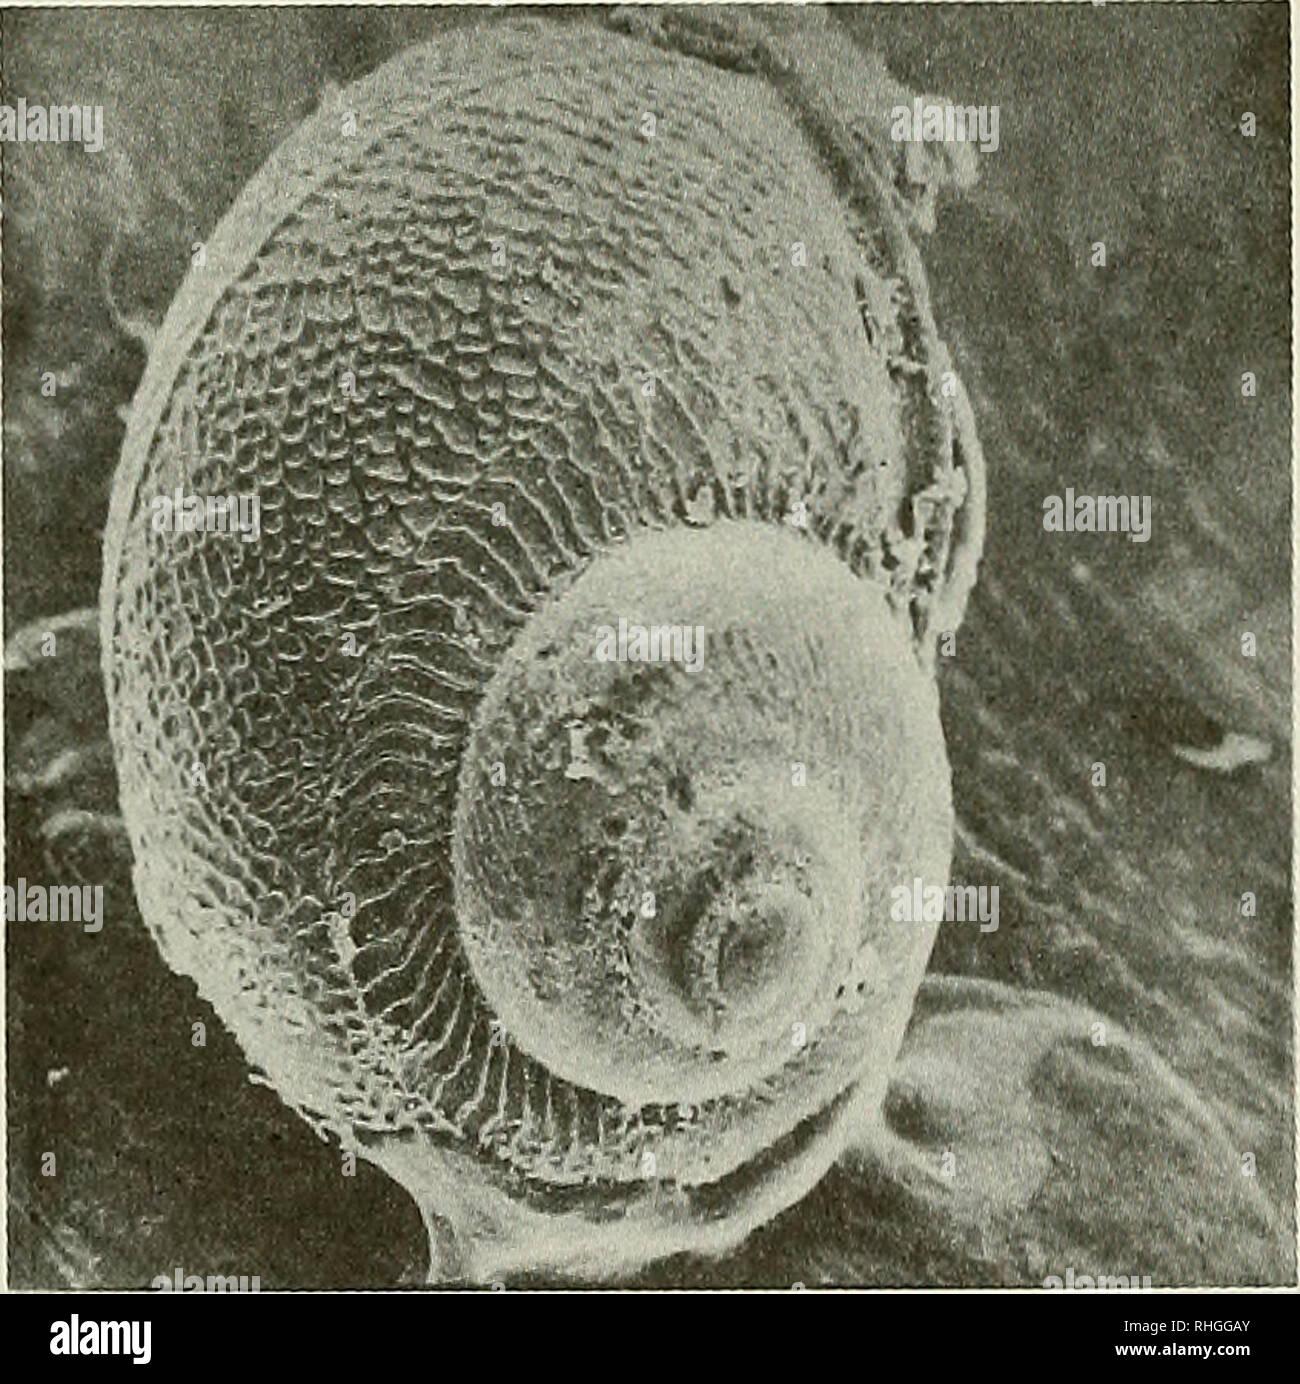 . Boletin de la Sociedad de Biología de Concepción. Sociedad de Biología de Concepción; Biología; y la biología. Bol. Soc. Biol. Concepción, Chile. Tomo 65, 1994. concordancia entre la gran abundancia de larvas en abril, mayo y junio de 1991 (Tabla III), con la temporada de más alto asentamiento detectado en Ramuntcho (Tabla IV). Además, el bajo número de larvas/m', encontrado en 1992, correspondió a un escaso asentamiento en ese mismo año. TABLA IV. Número promedio de asentados por m- y sus desviaciones standares de C. concholepas en el intermareal de Ramuntcho (Bahía San Vicente). 1990-1992. Mes 1 Foto de stock